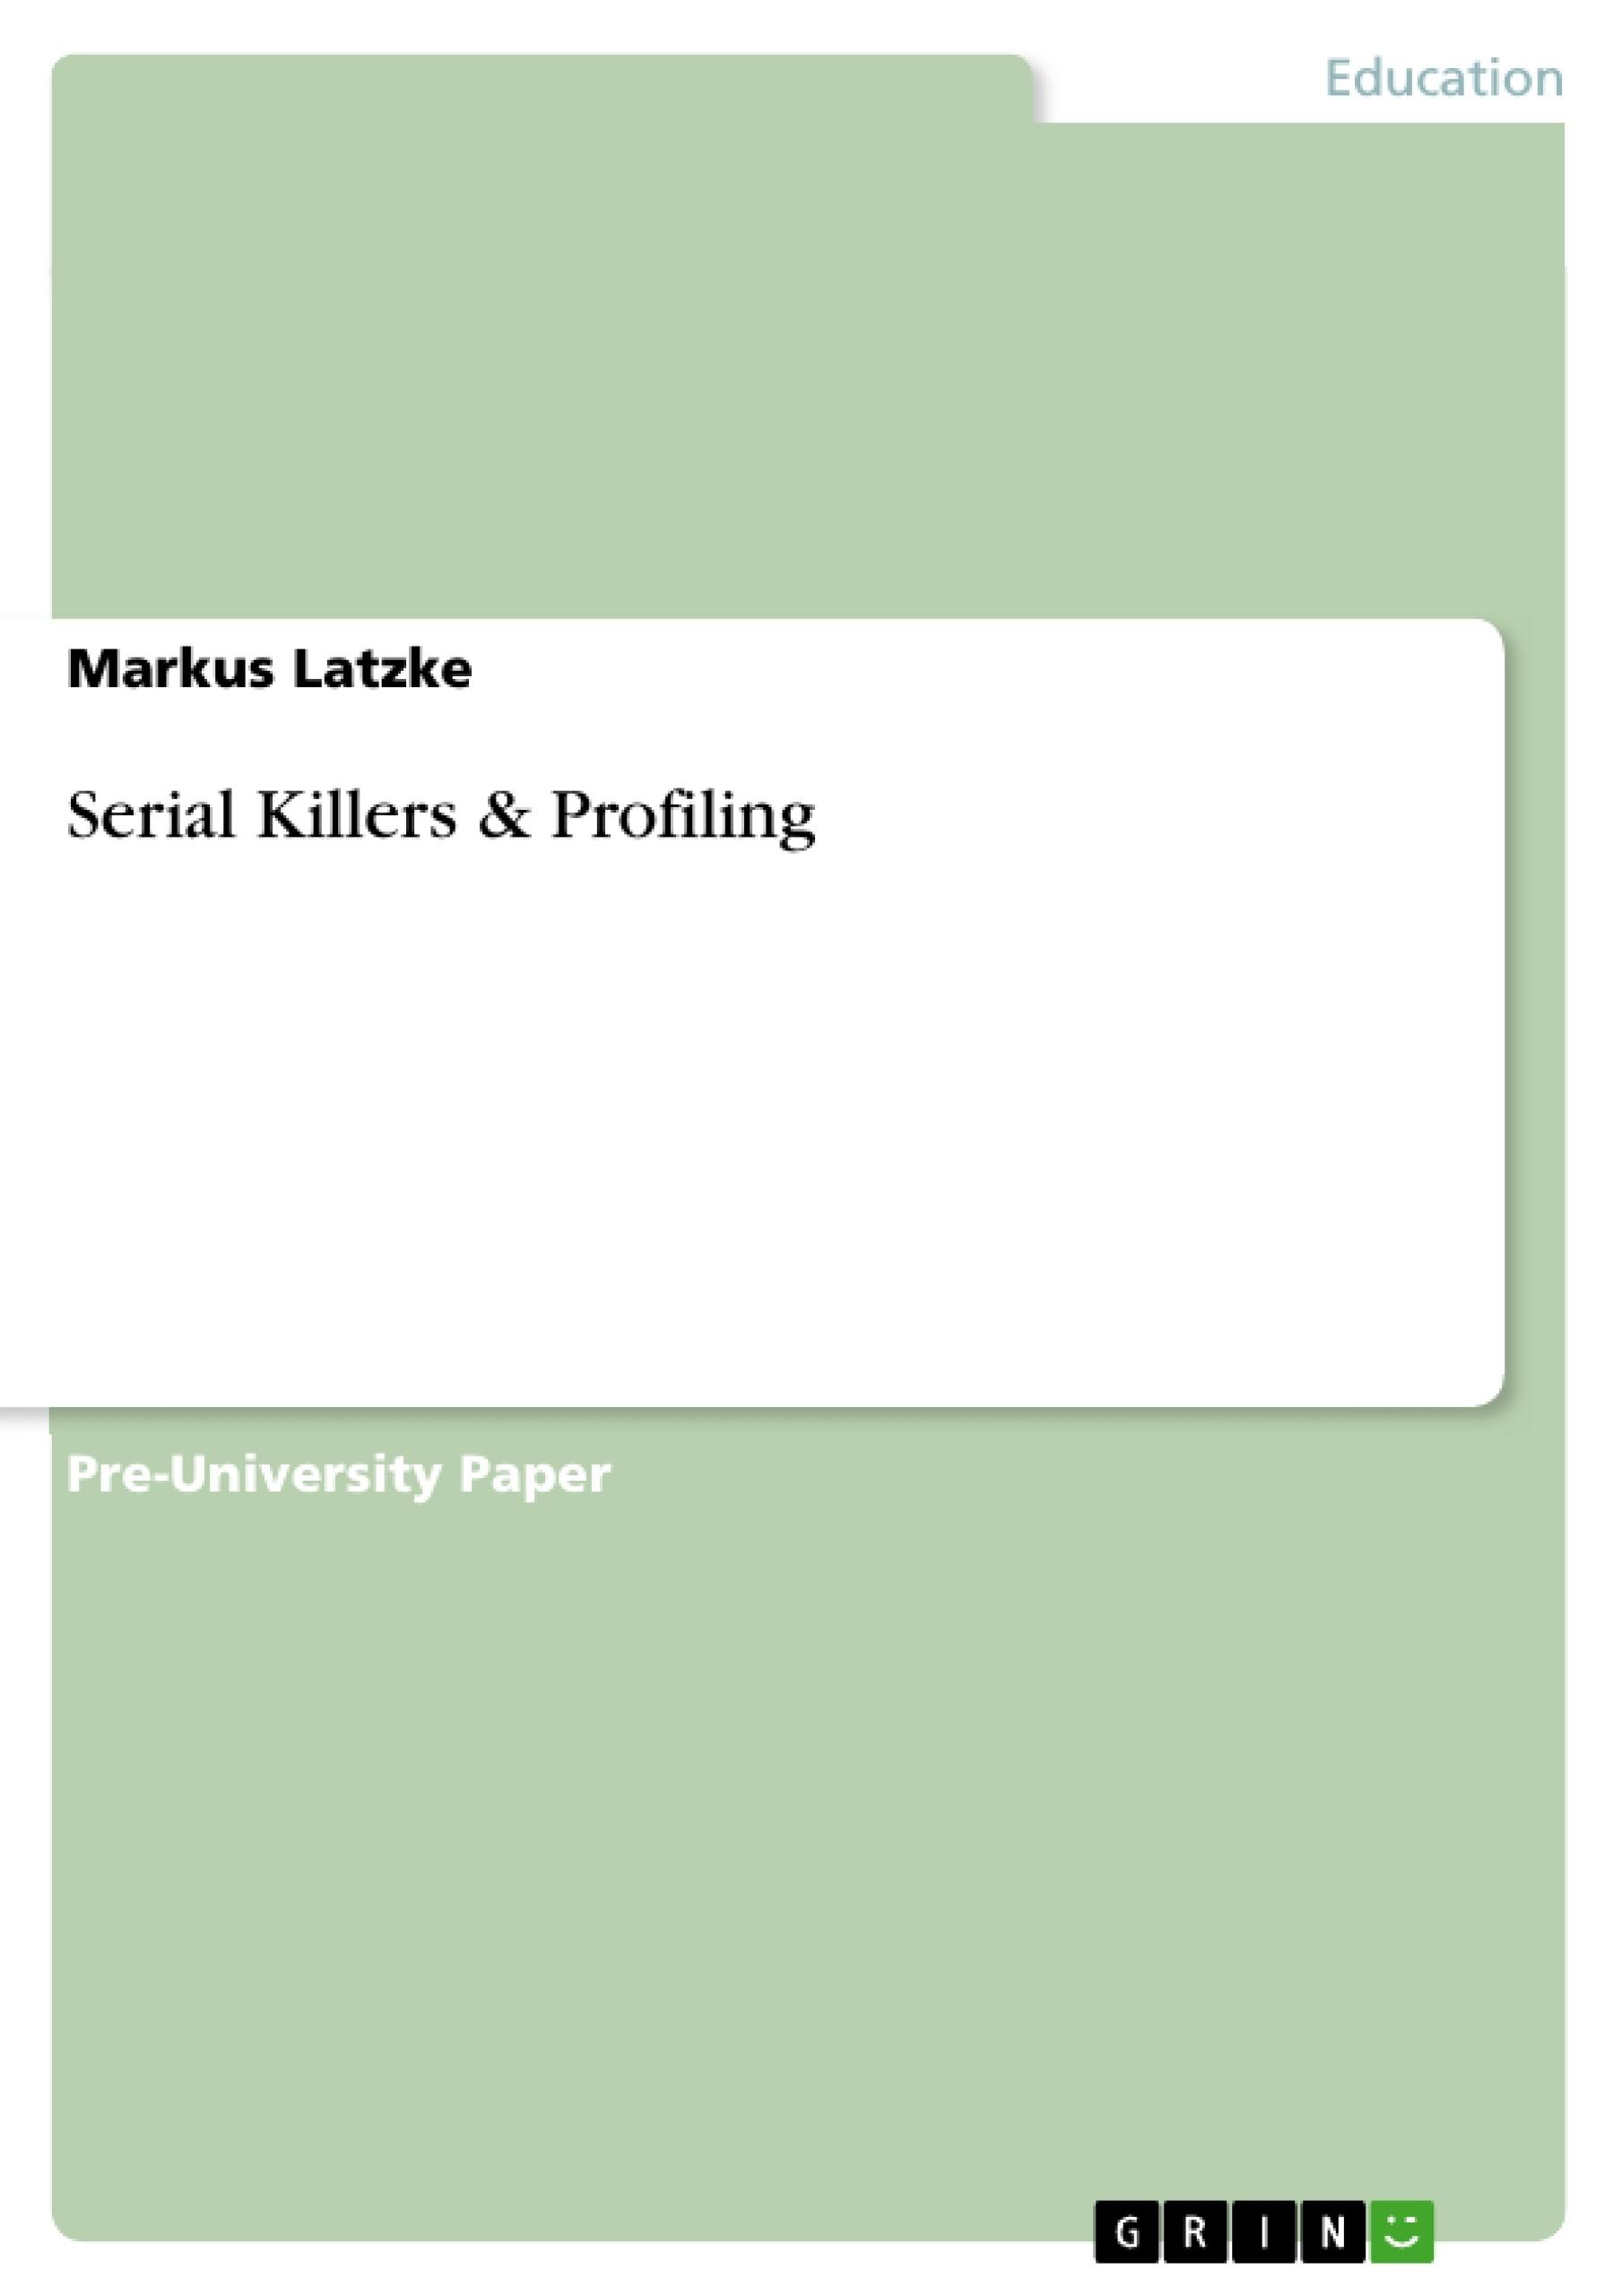 Title: Serial Killers & Profiling